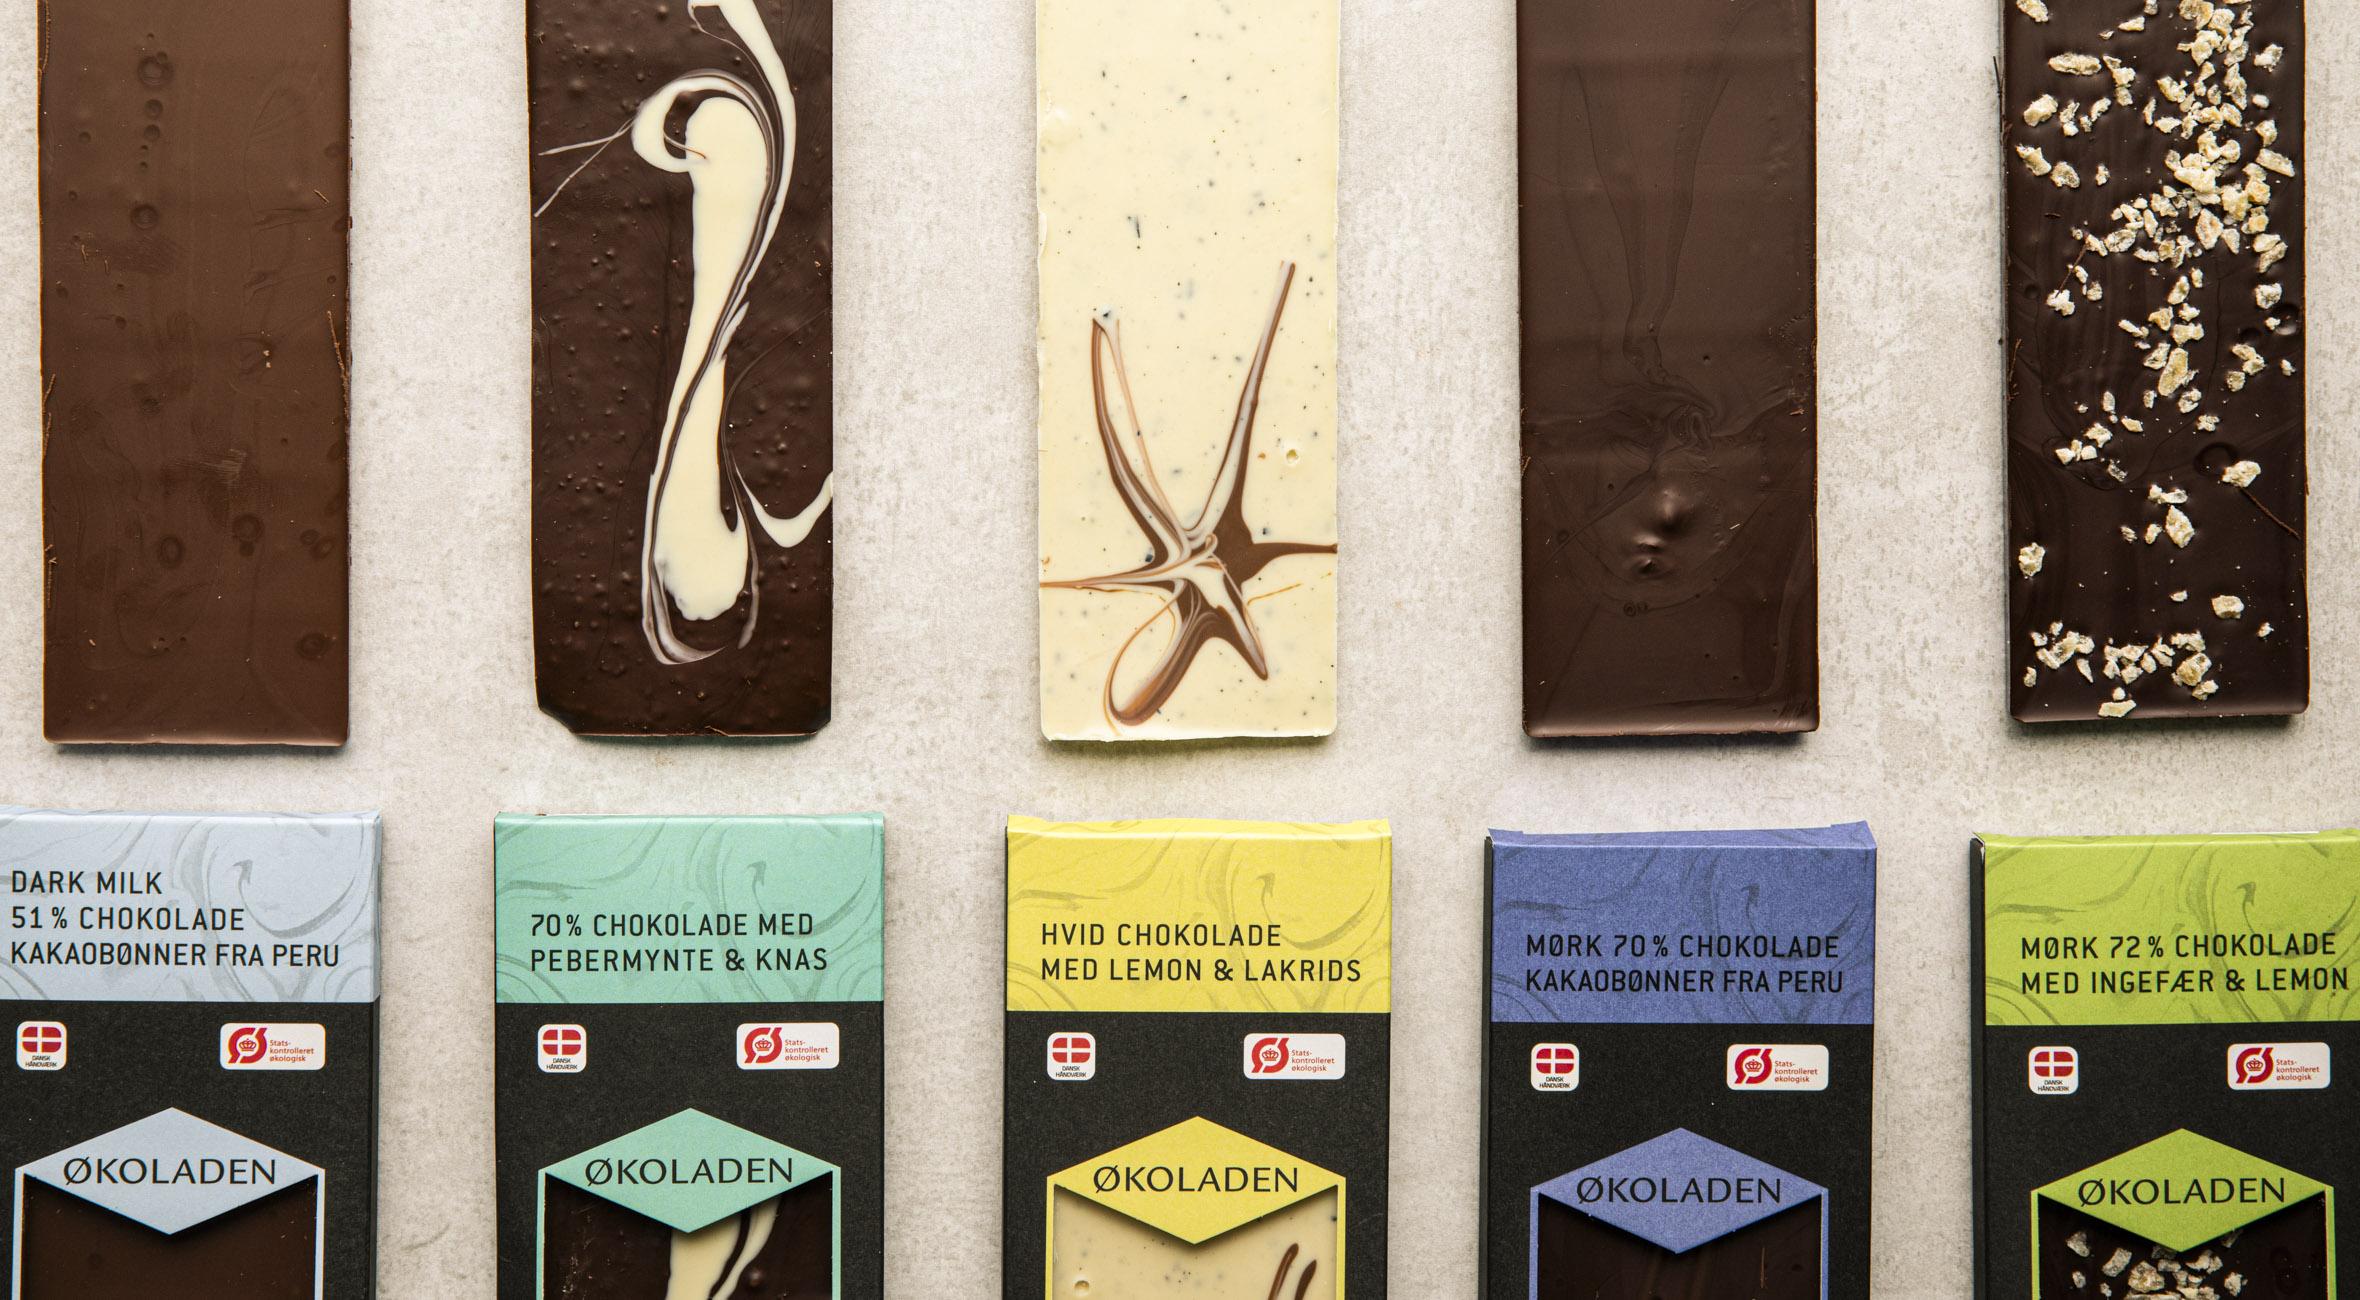 Frit valg til alt i Økoladen & Elmelund Chocolatiers webshop – Forkæl dig selv og andre med chokolade i verdensklasse! Du får gratis levering til pakkeshop